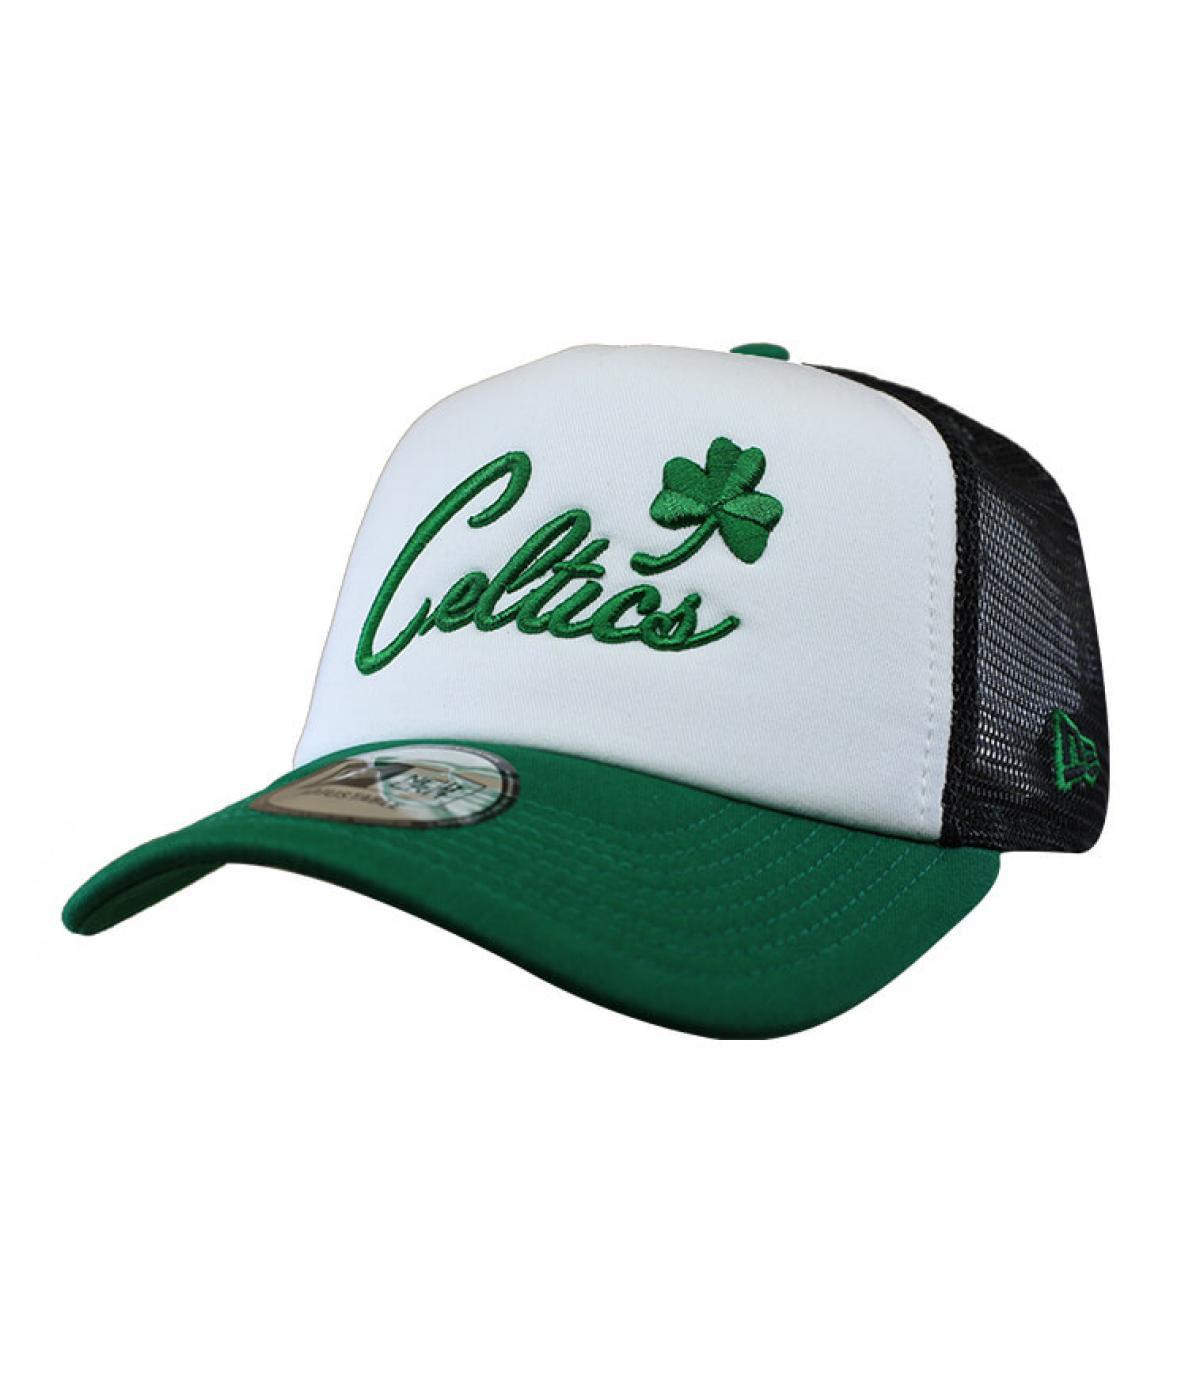 Détails Trucker Nba Color Block Celtics - image 2